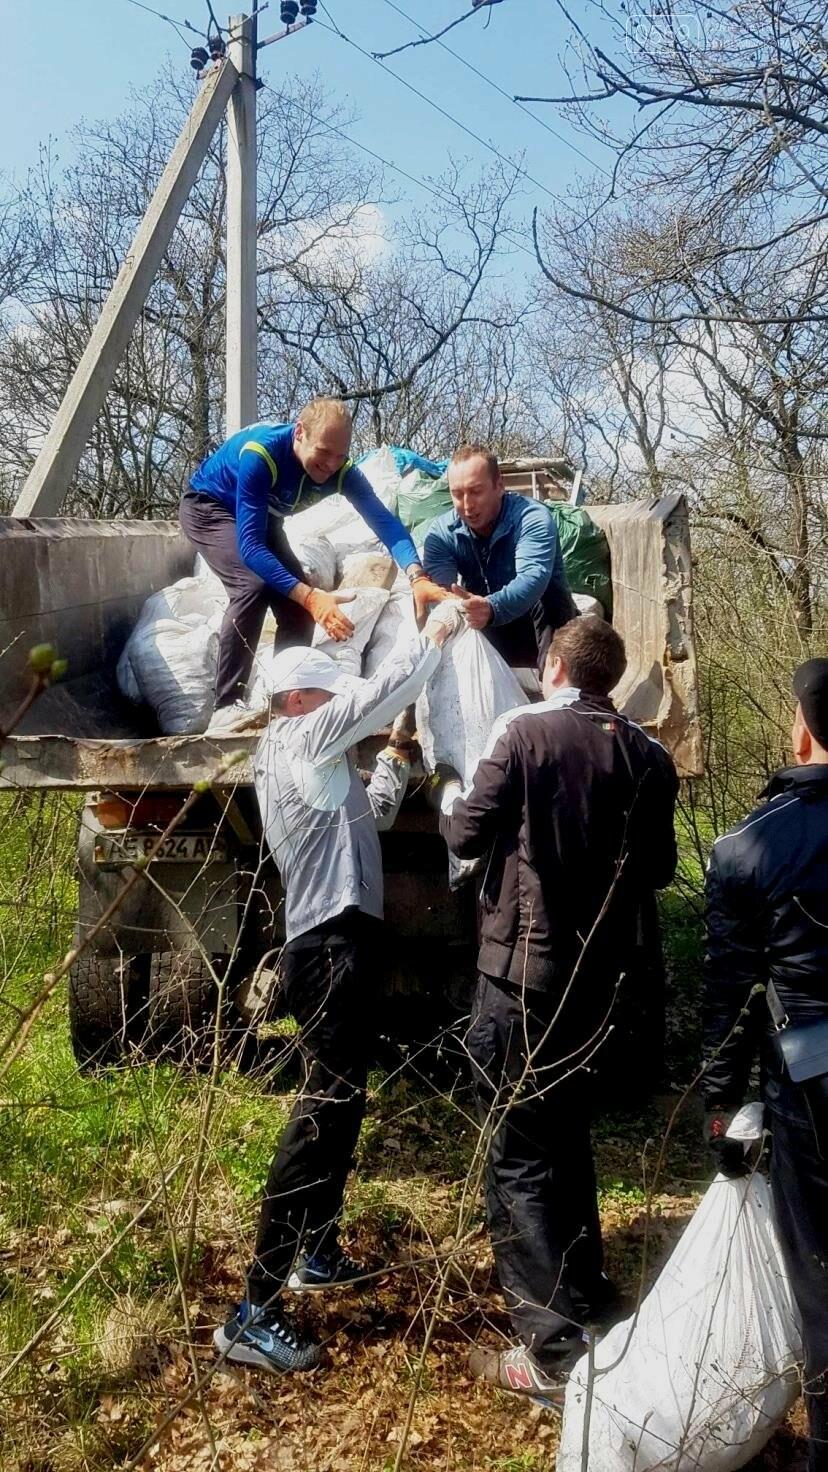 Більше 100 мішків сміття зібрали і вивезли волонтери з лісу, що поблизу Новомосковська, фото-3